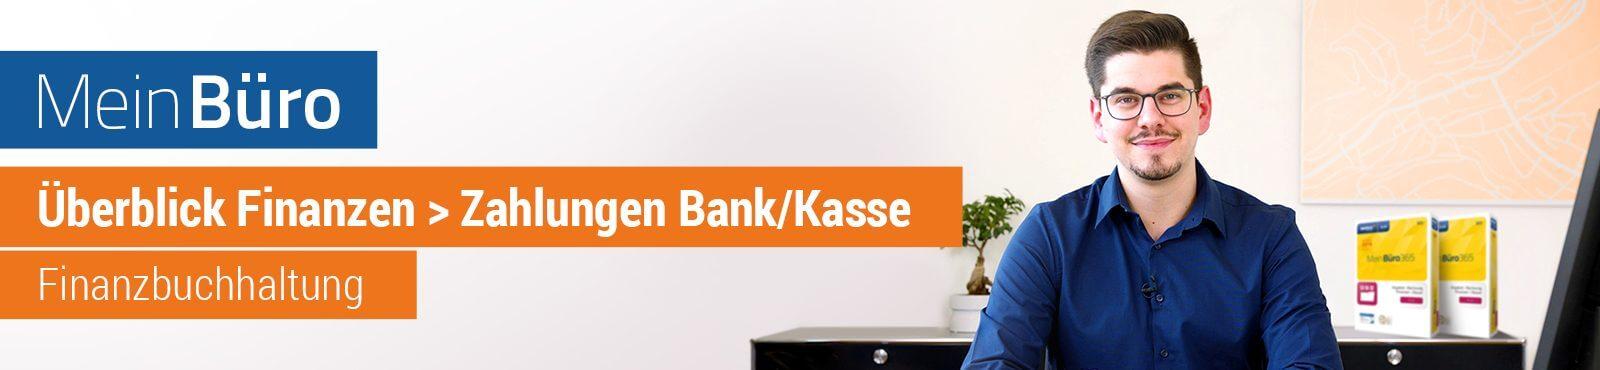 Überblick Finanzen > Zahlungen Bank/Kasse